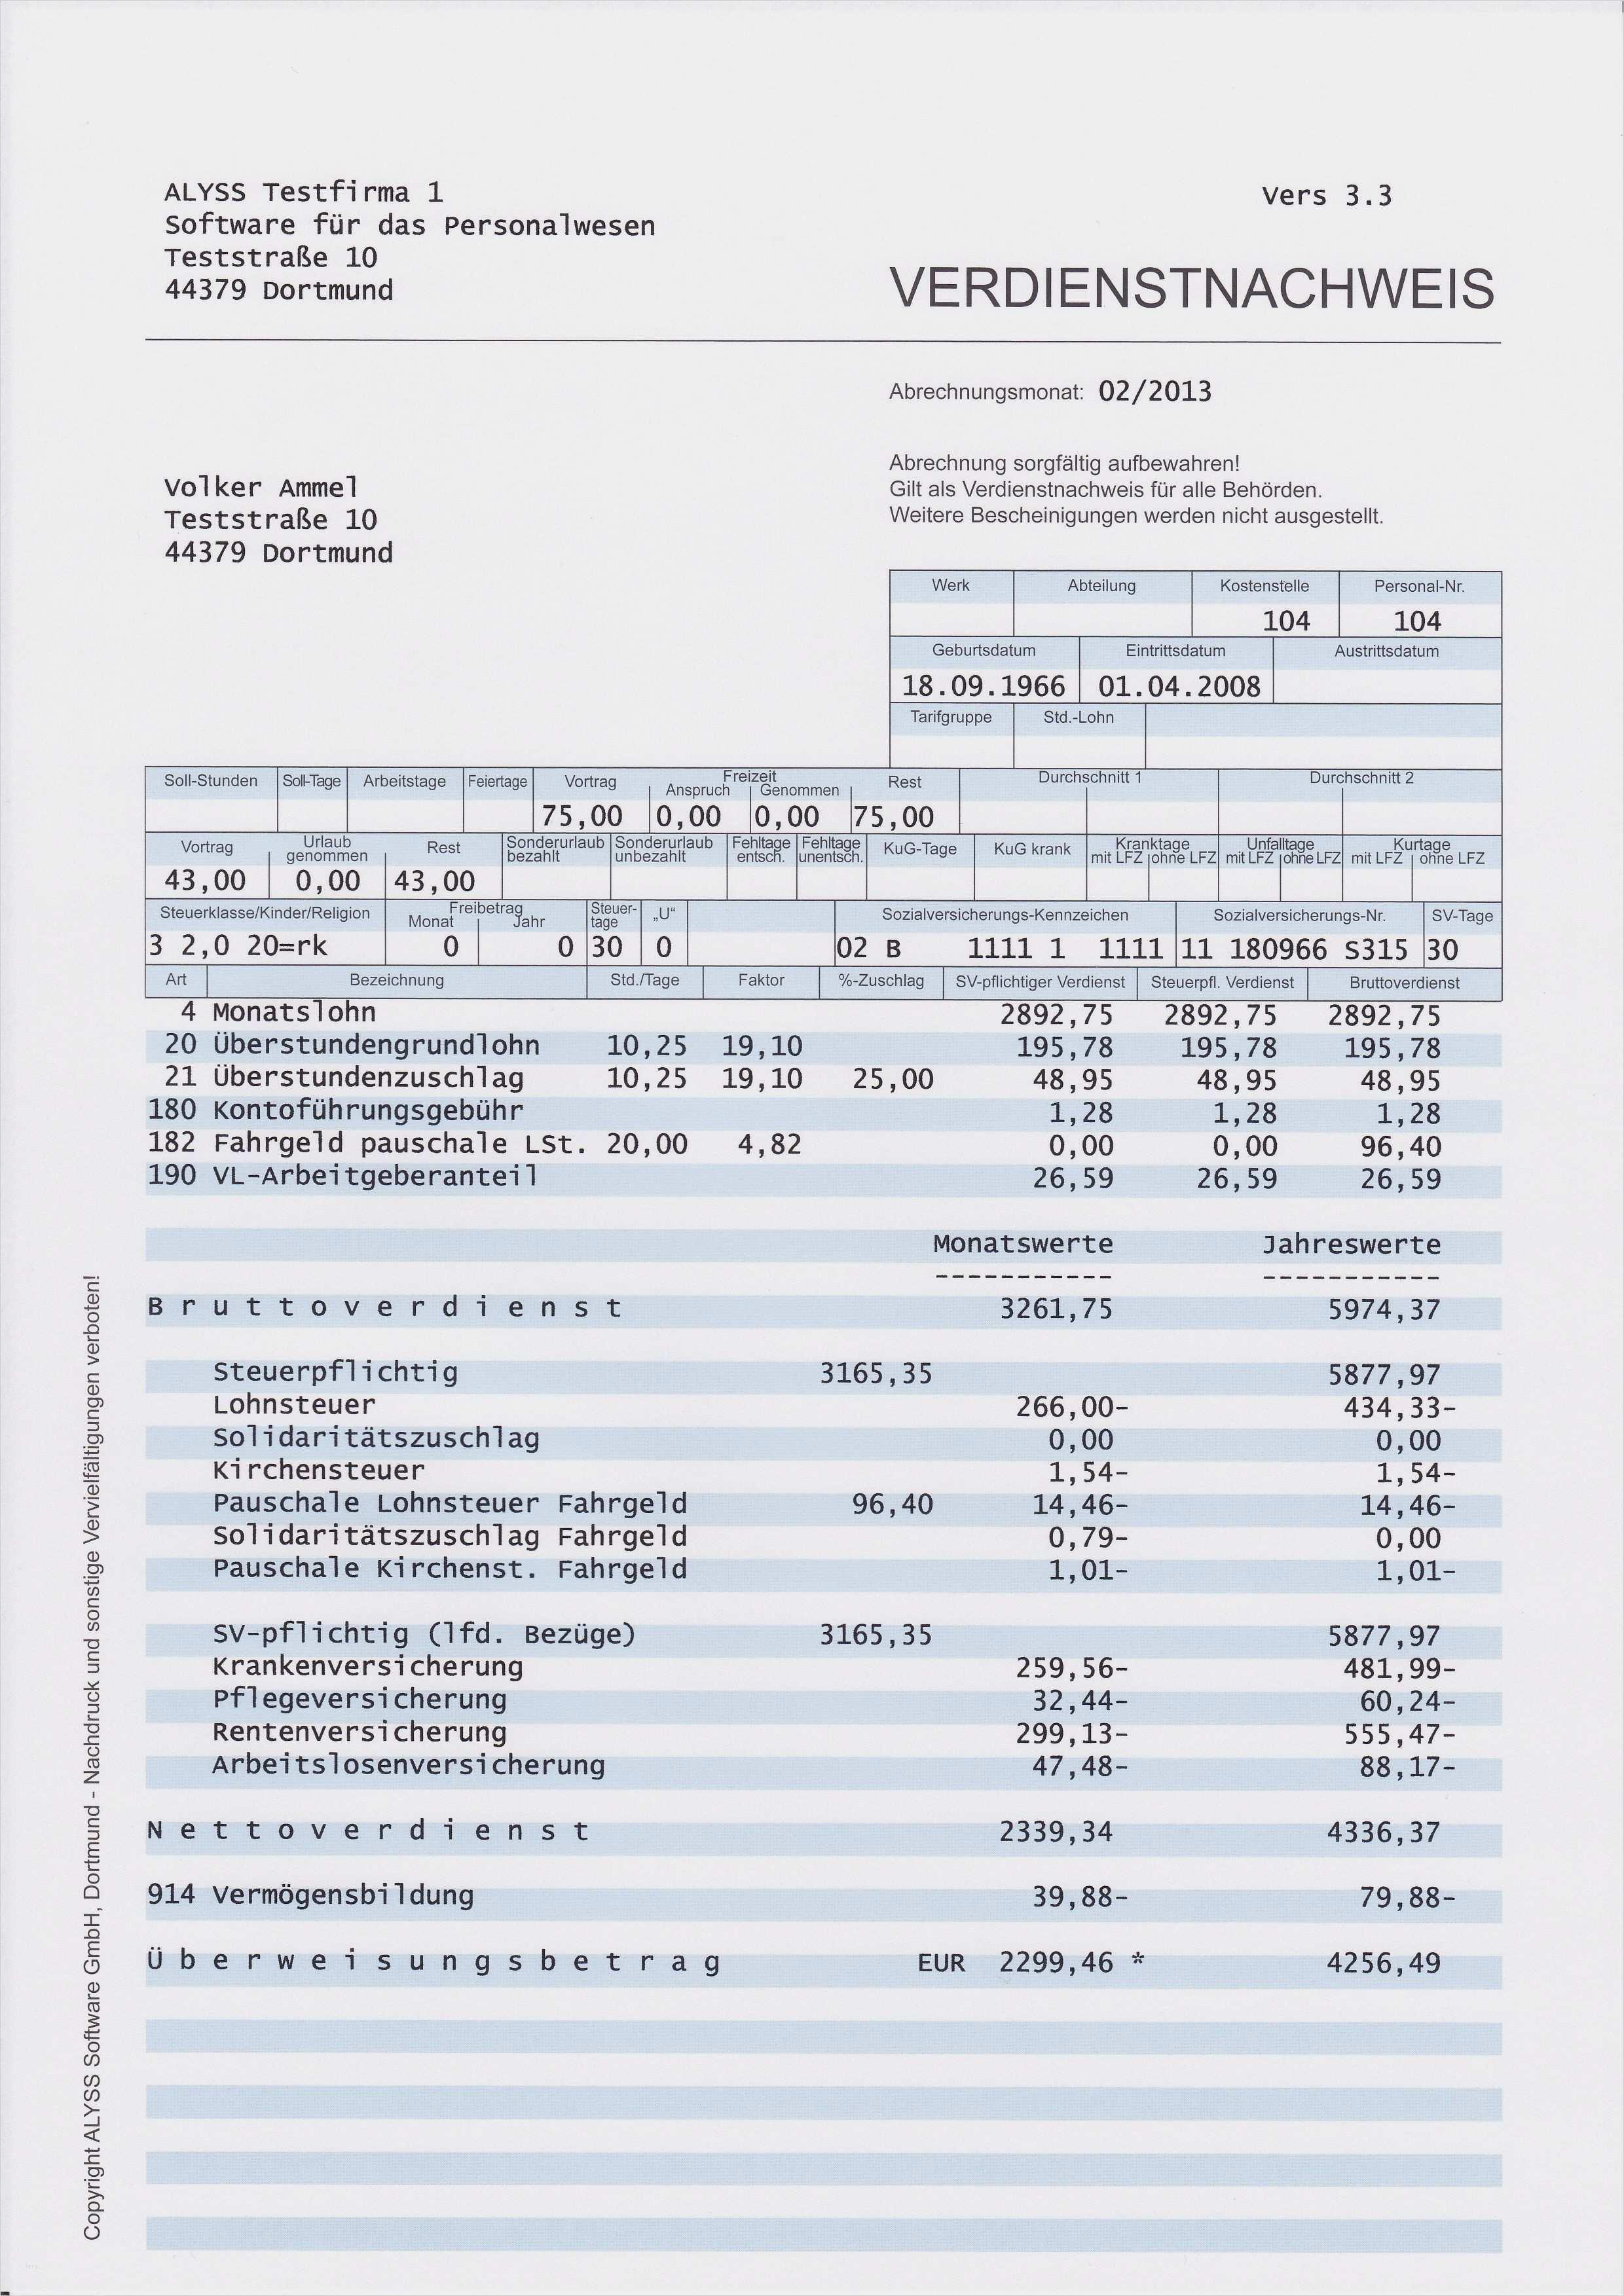 32 Angenehm Gehaltsbescheinigung Vorlage Abbildung Excel Vorlage Vorlagen Gehaltsabrechnung